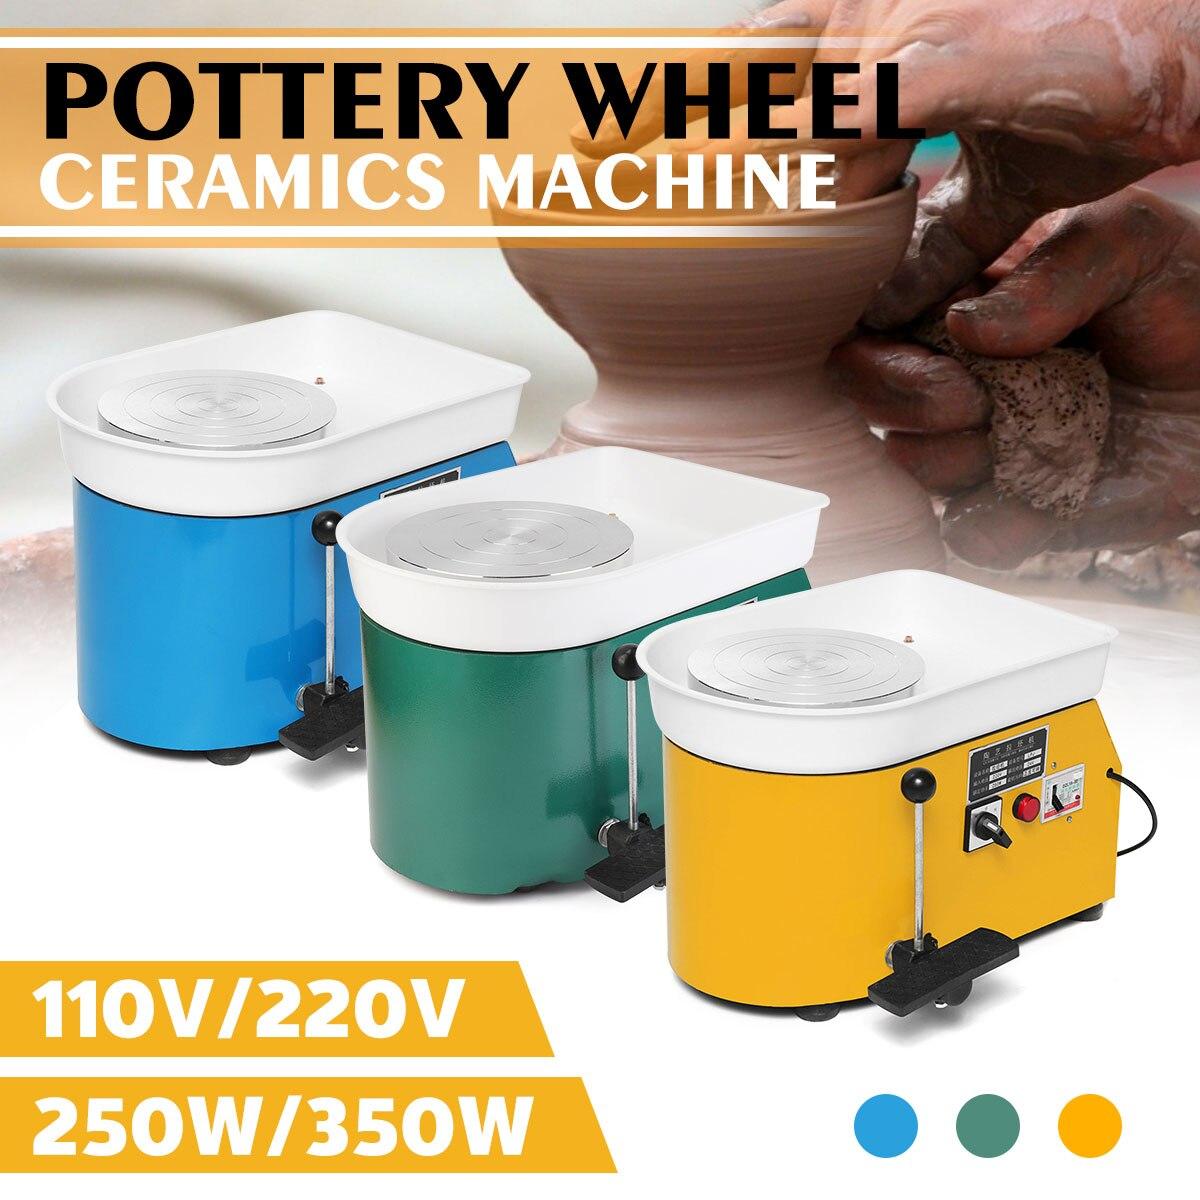 110 V/220 V poterie formant la Machine 250 W/350 W poterie électrique céramique roue argile pour travaux pratiques outil avec plateau pour travaux en céramique 3 couleurs